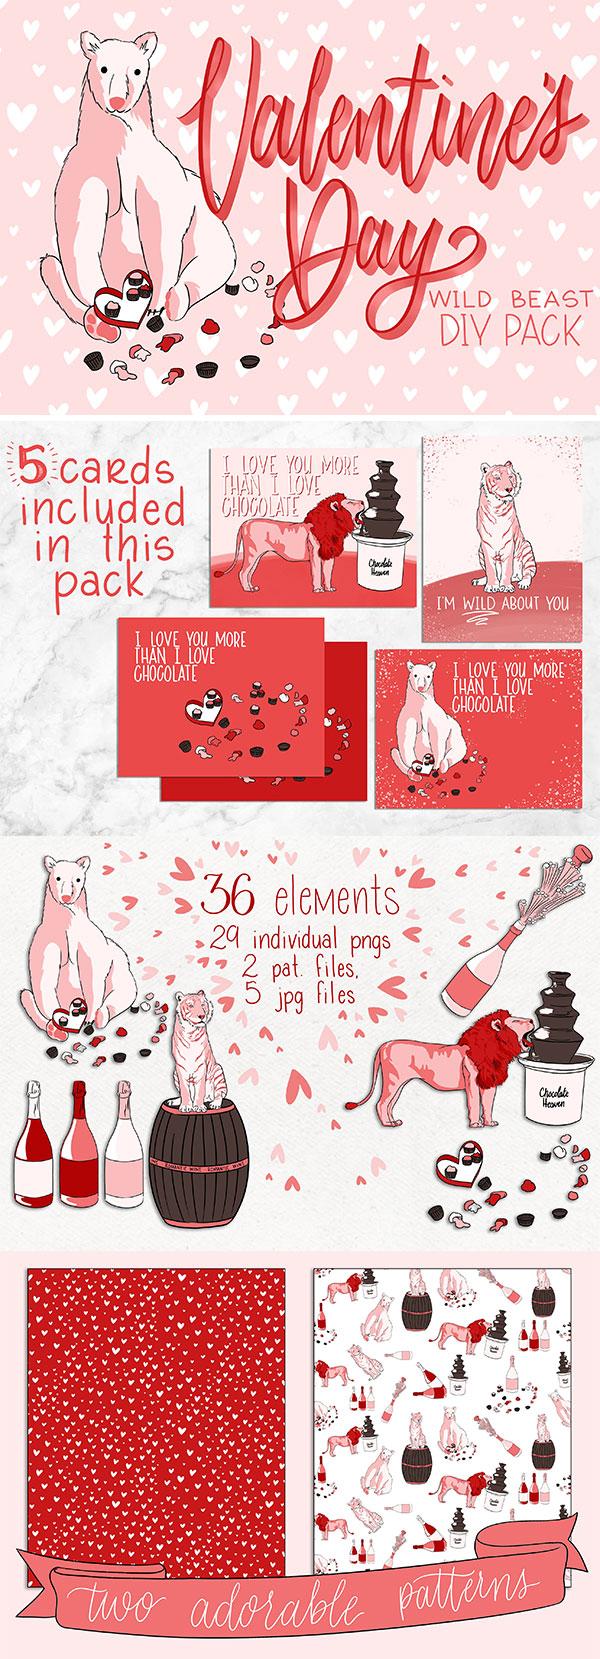 素材分类: 元素插画所需点数: 6 点 关键词: 手绘粉色野生动物情人节